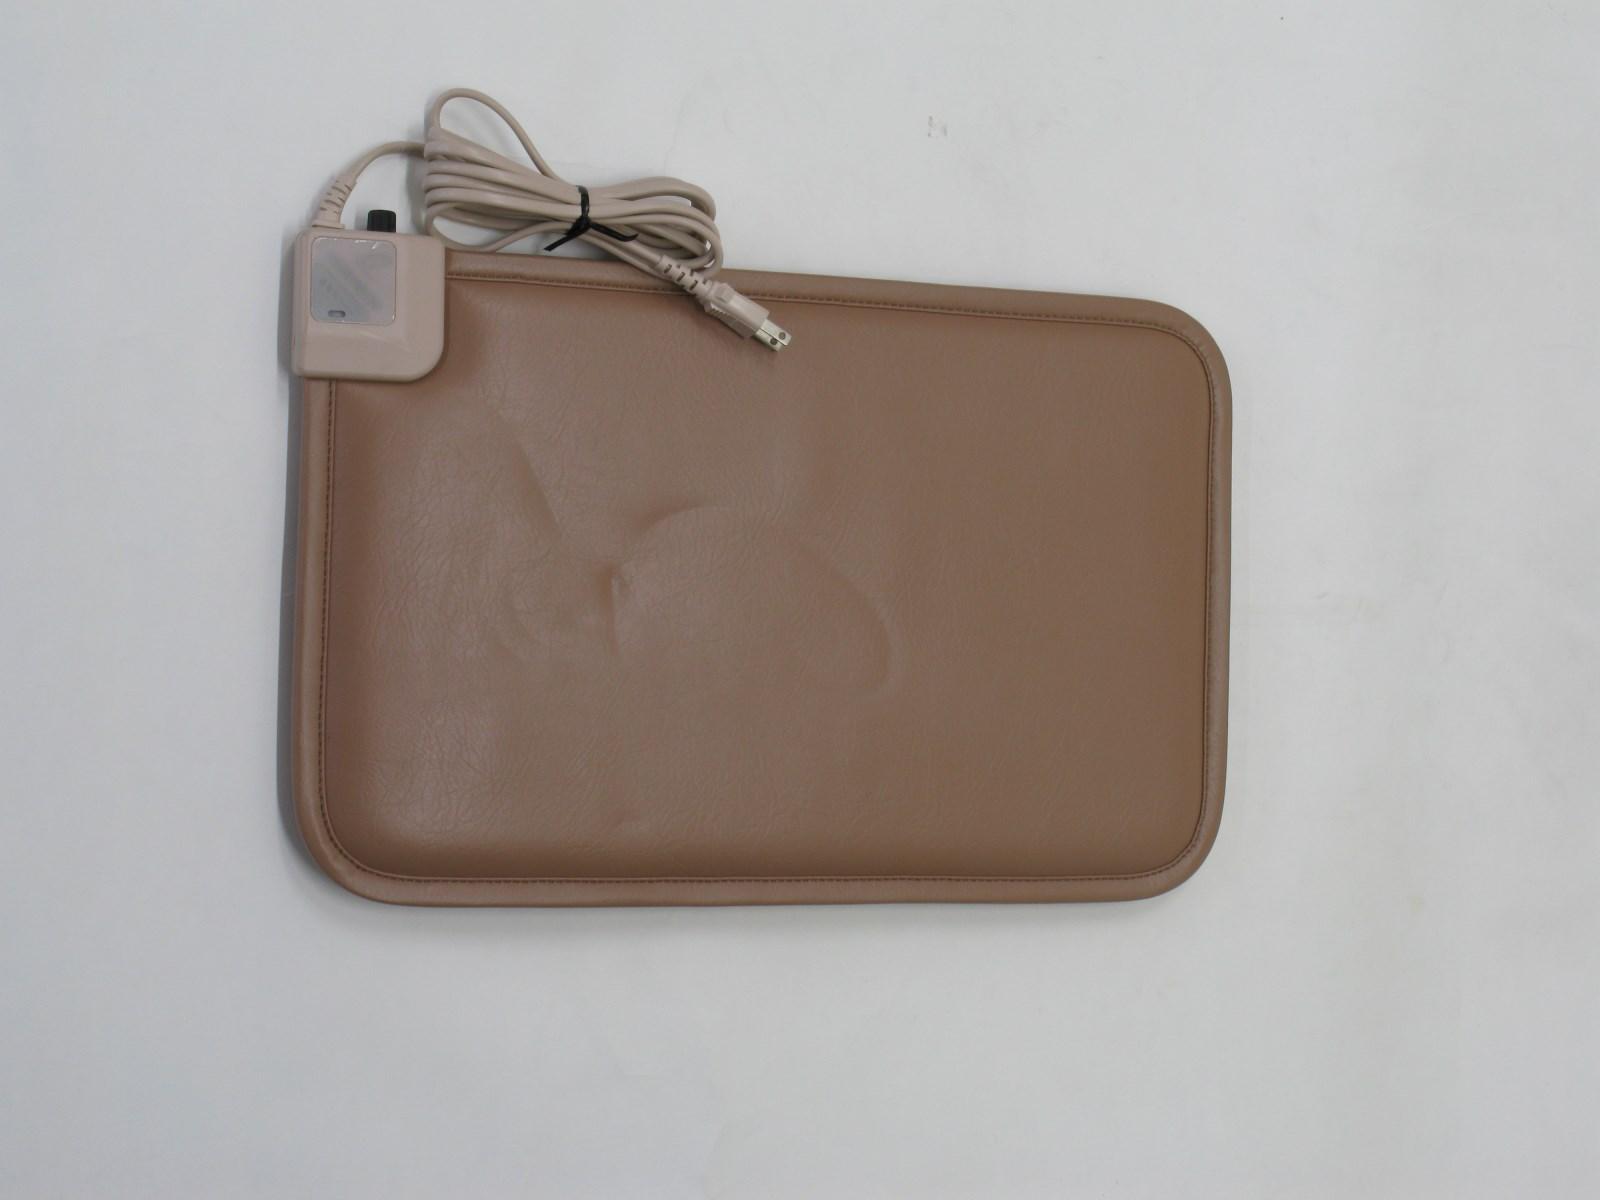 高電位治療器用の温熱シート(温熱マット) 中古(コスモドクター・リブマックス・エナジートロン・ドクタートロン・パワーヘルス・シェンペクス・サンメディオン・フューチャー14000・リカバロン・トランセイバー健寿にもご利用いただけます)